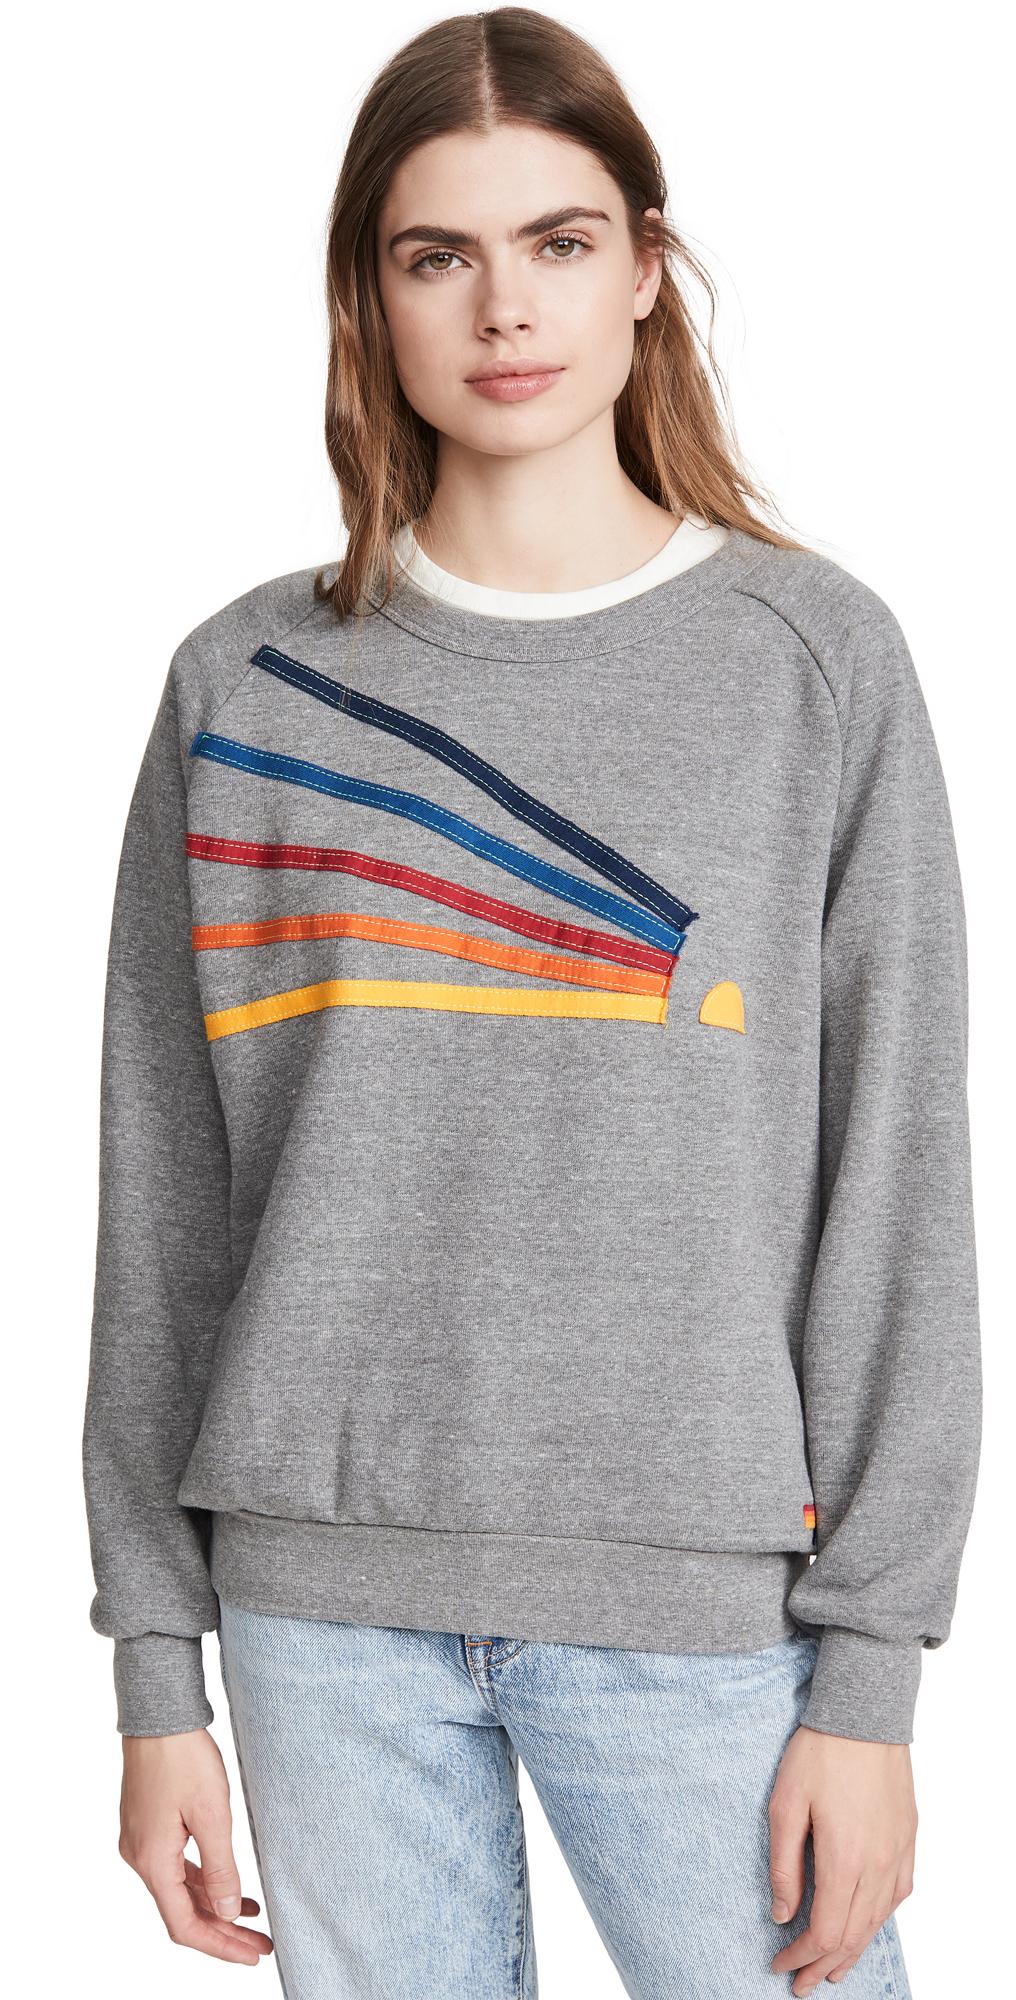 Aviator Nation Daydream Crew Sweatshirt